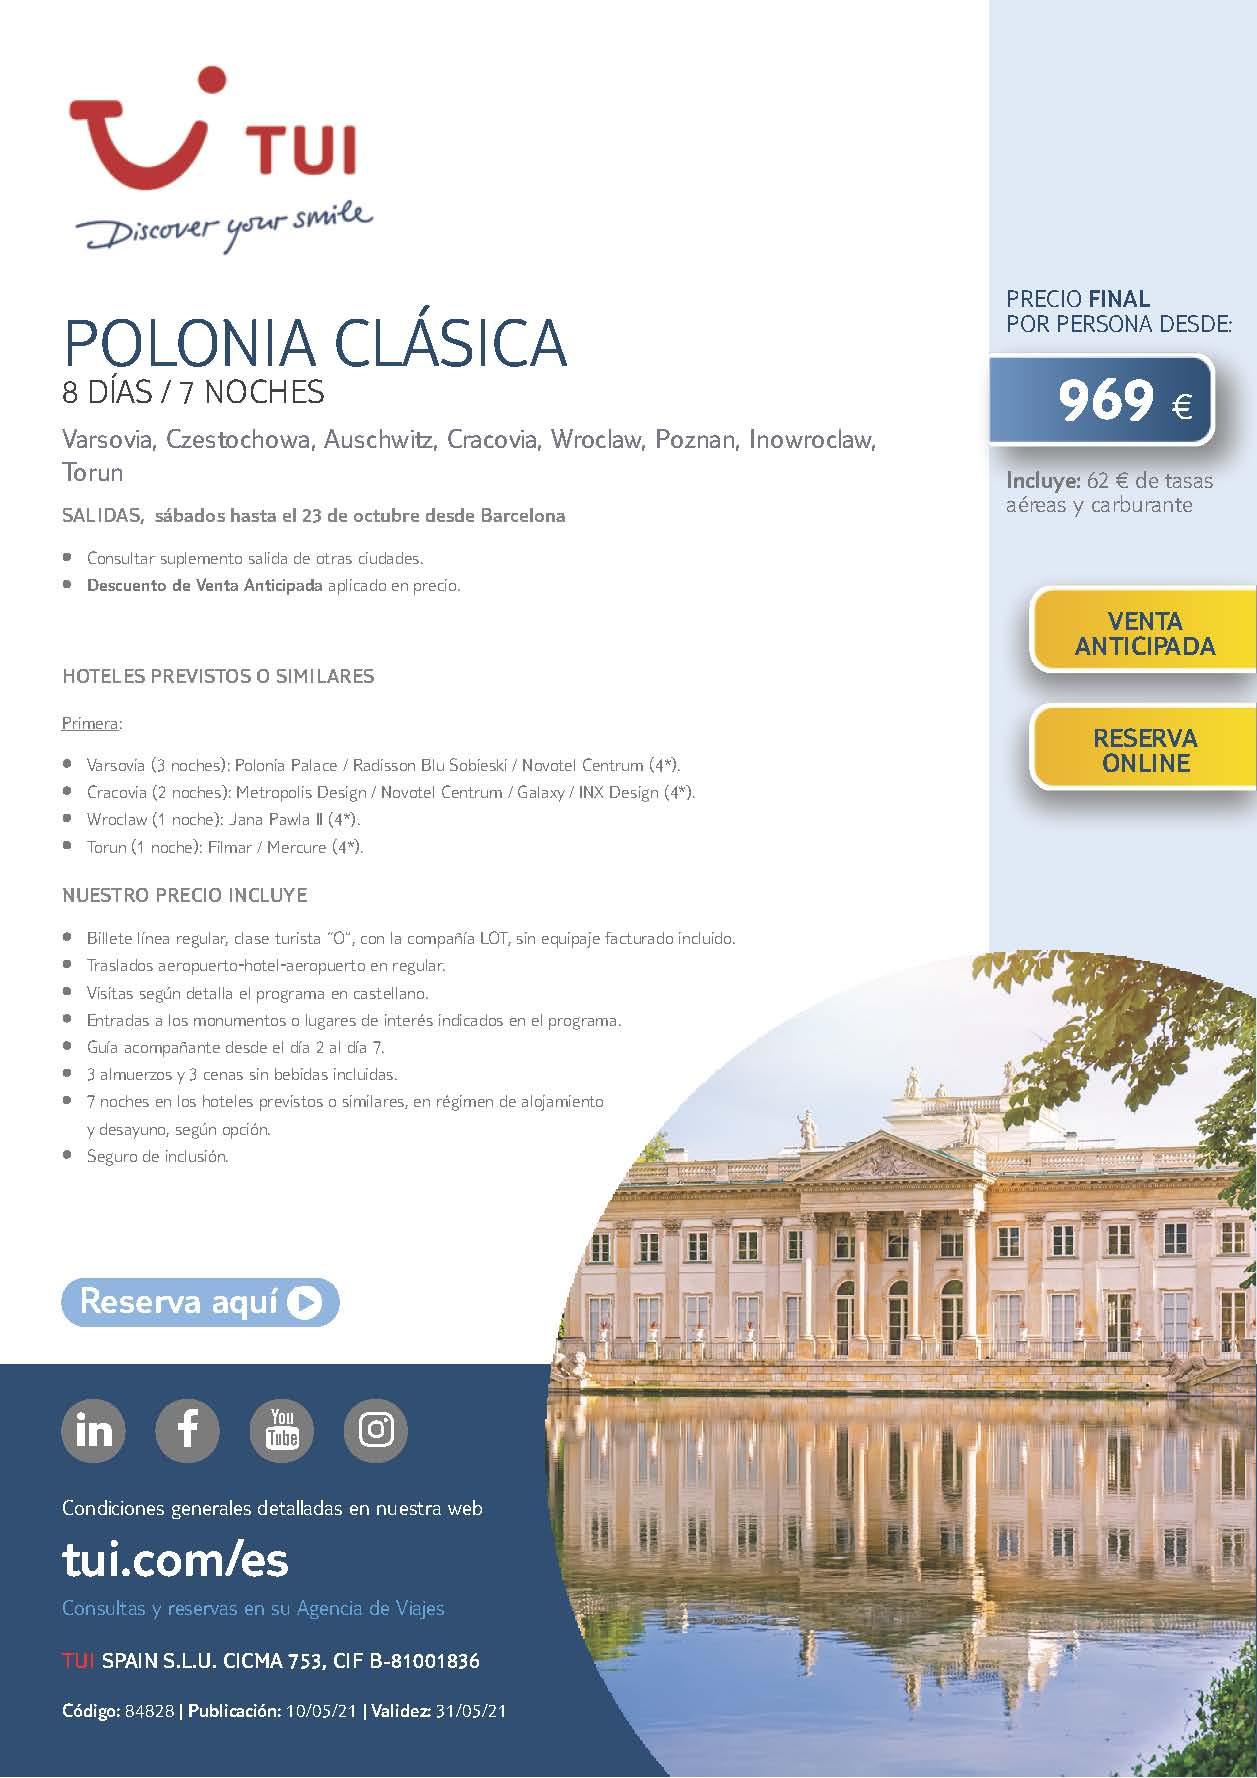 Oferta TUI Circuito Polonia Clasica Verano 2021